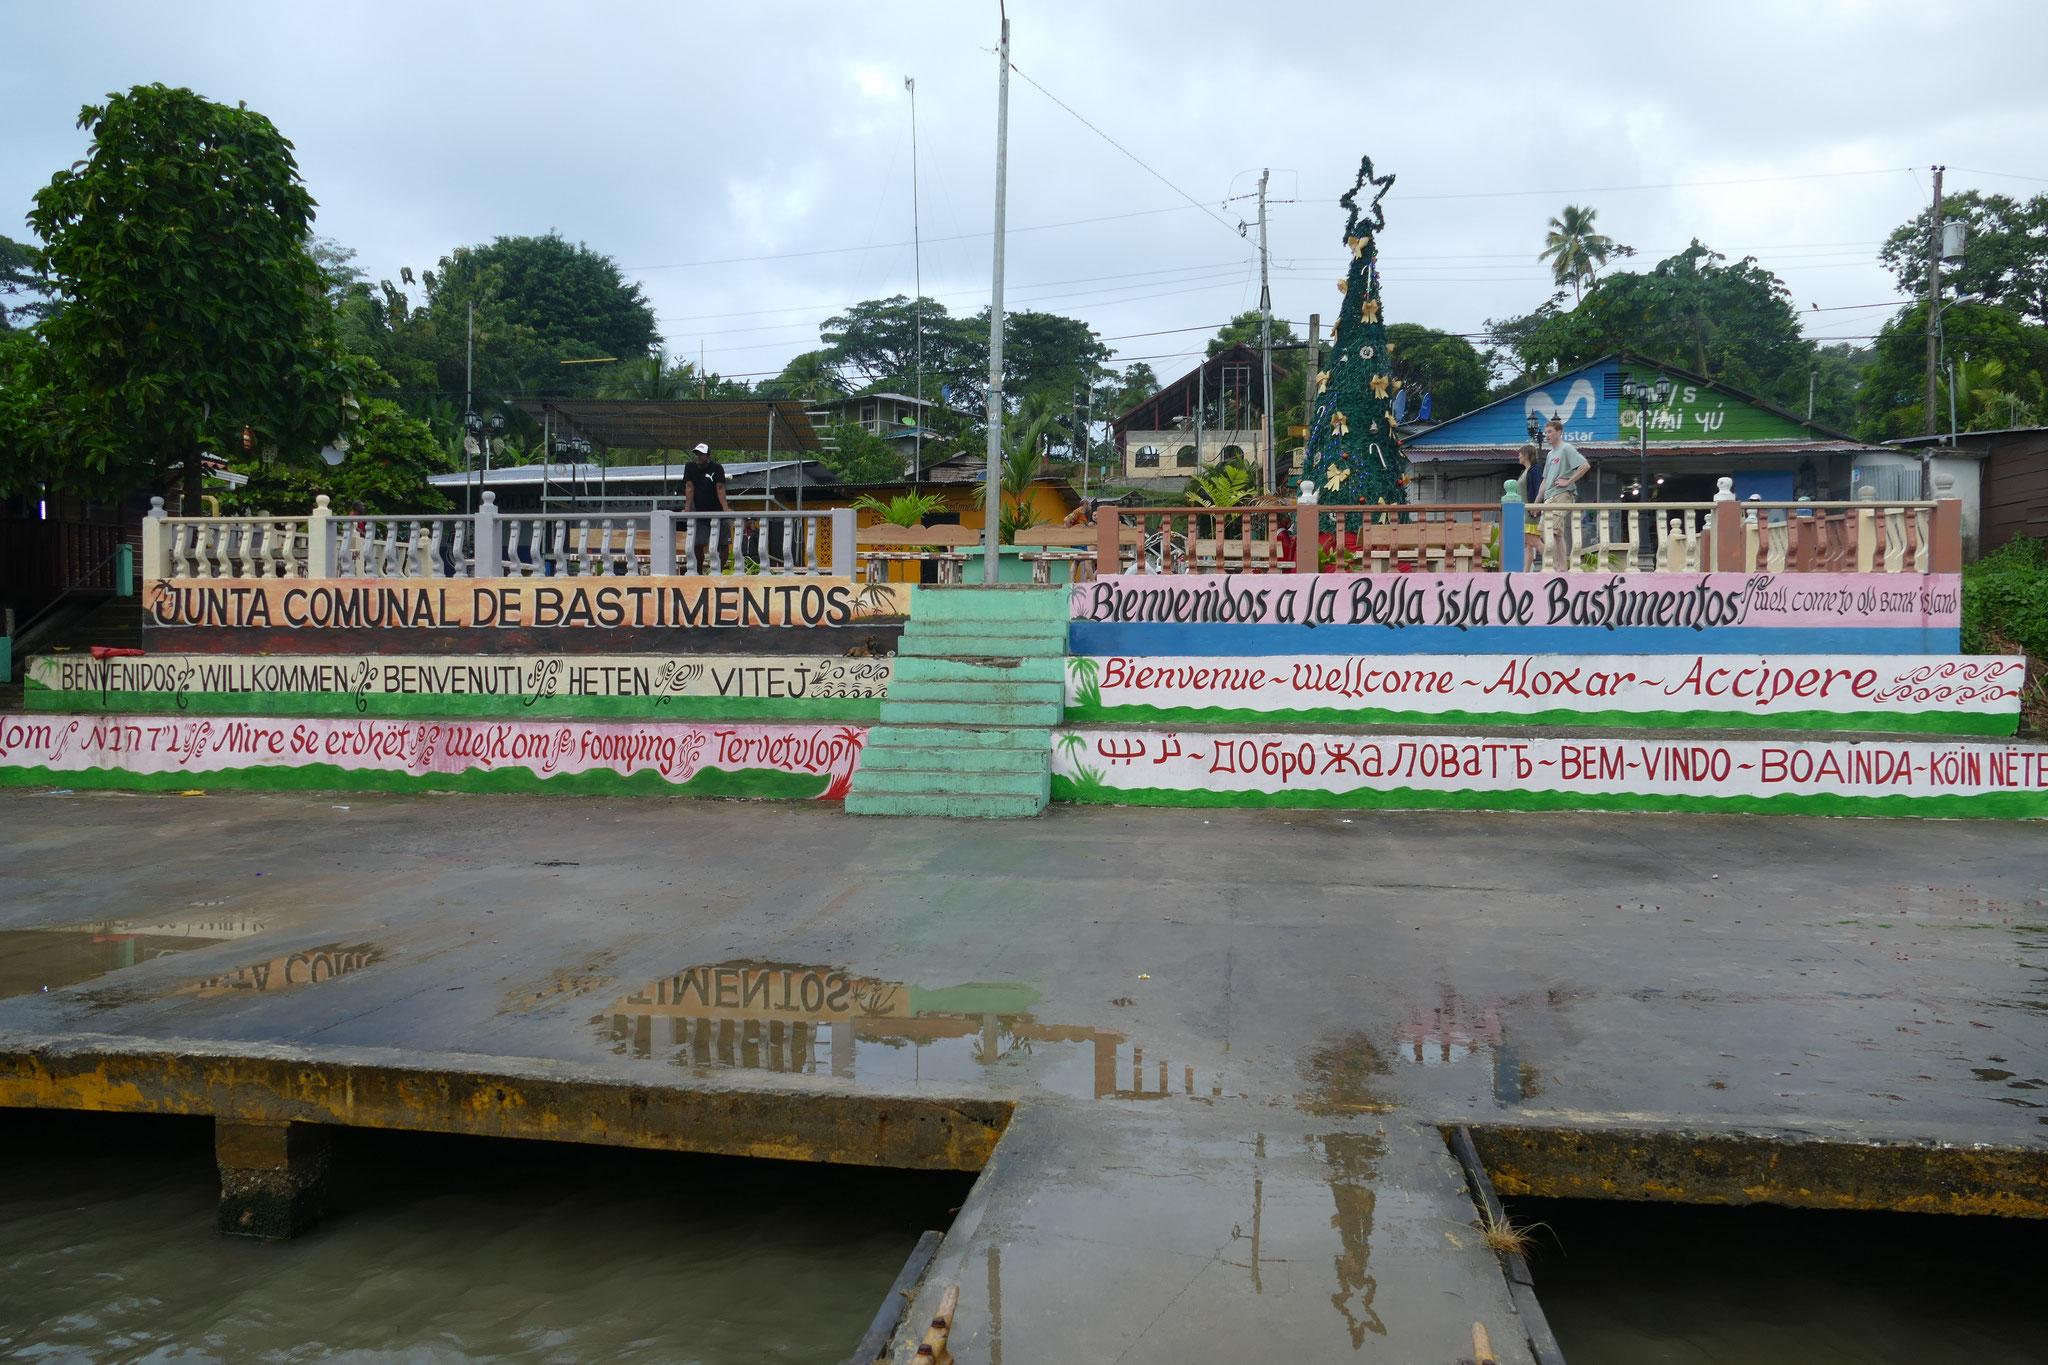 Der Hafen von Bastimentos